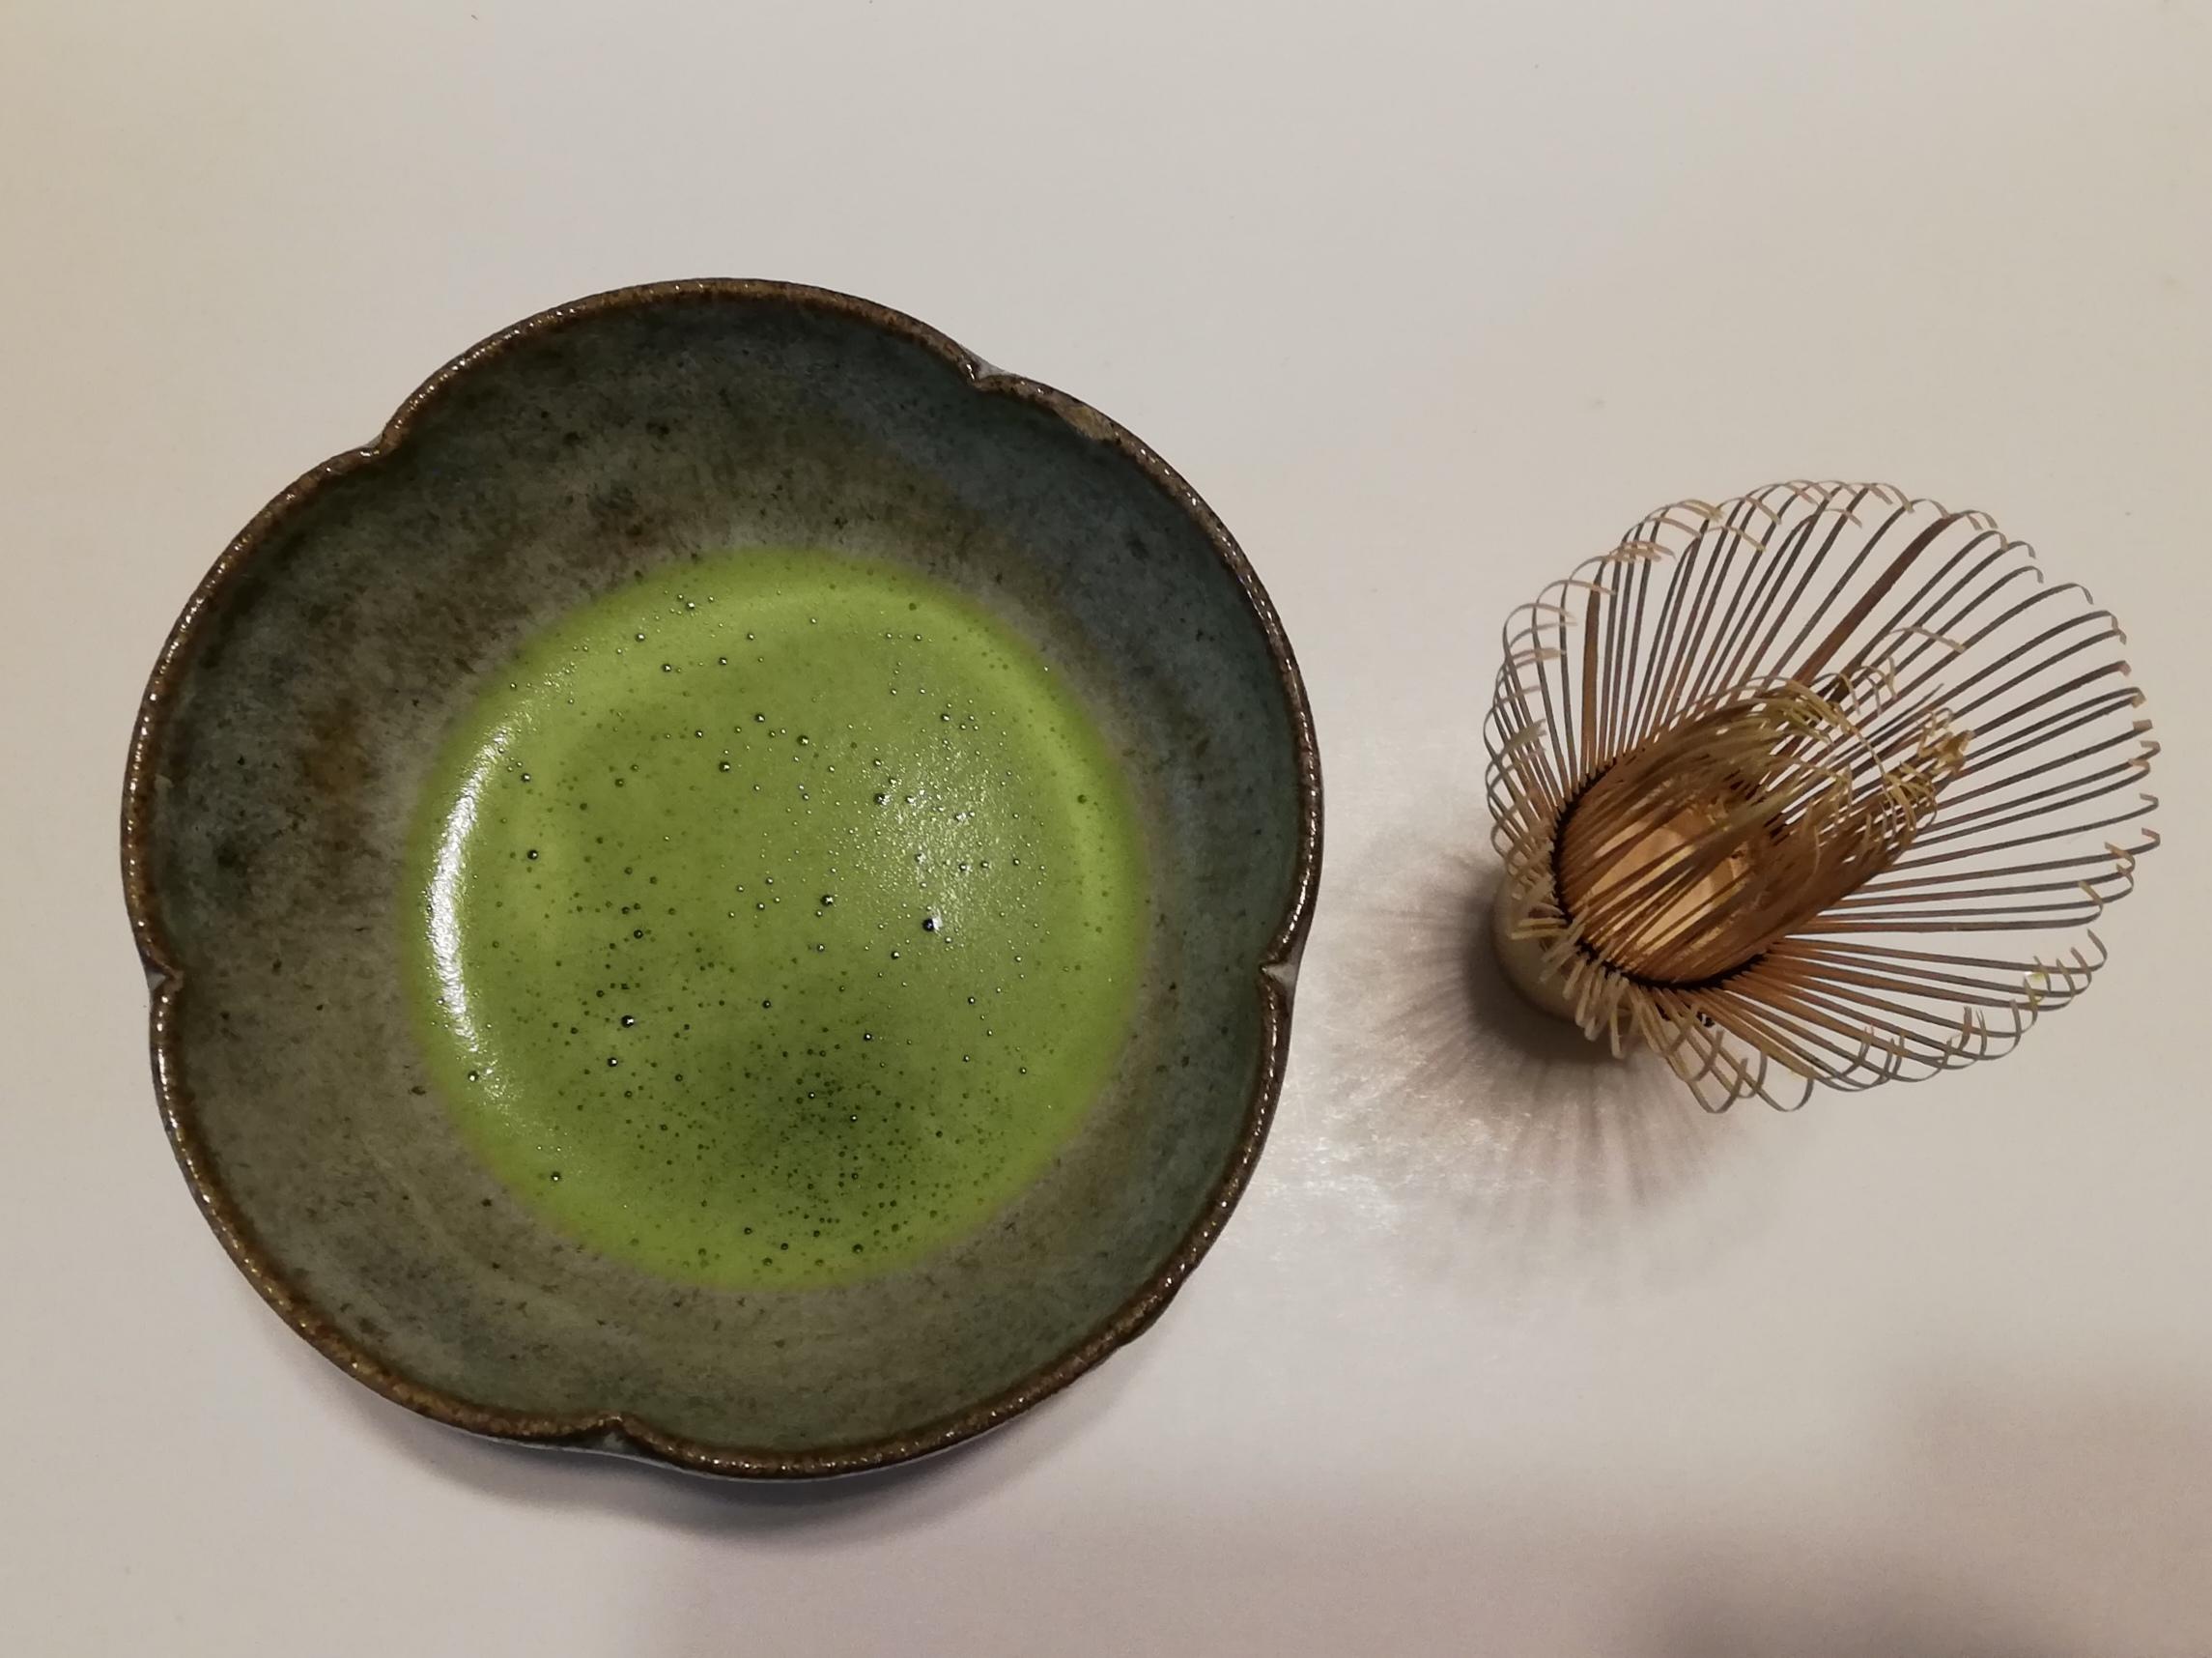 抹茶と茶筅